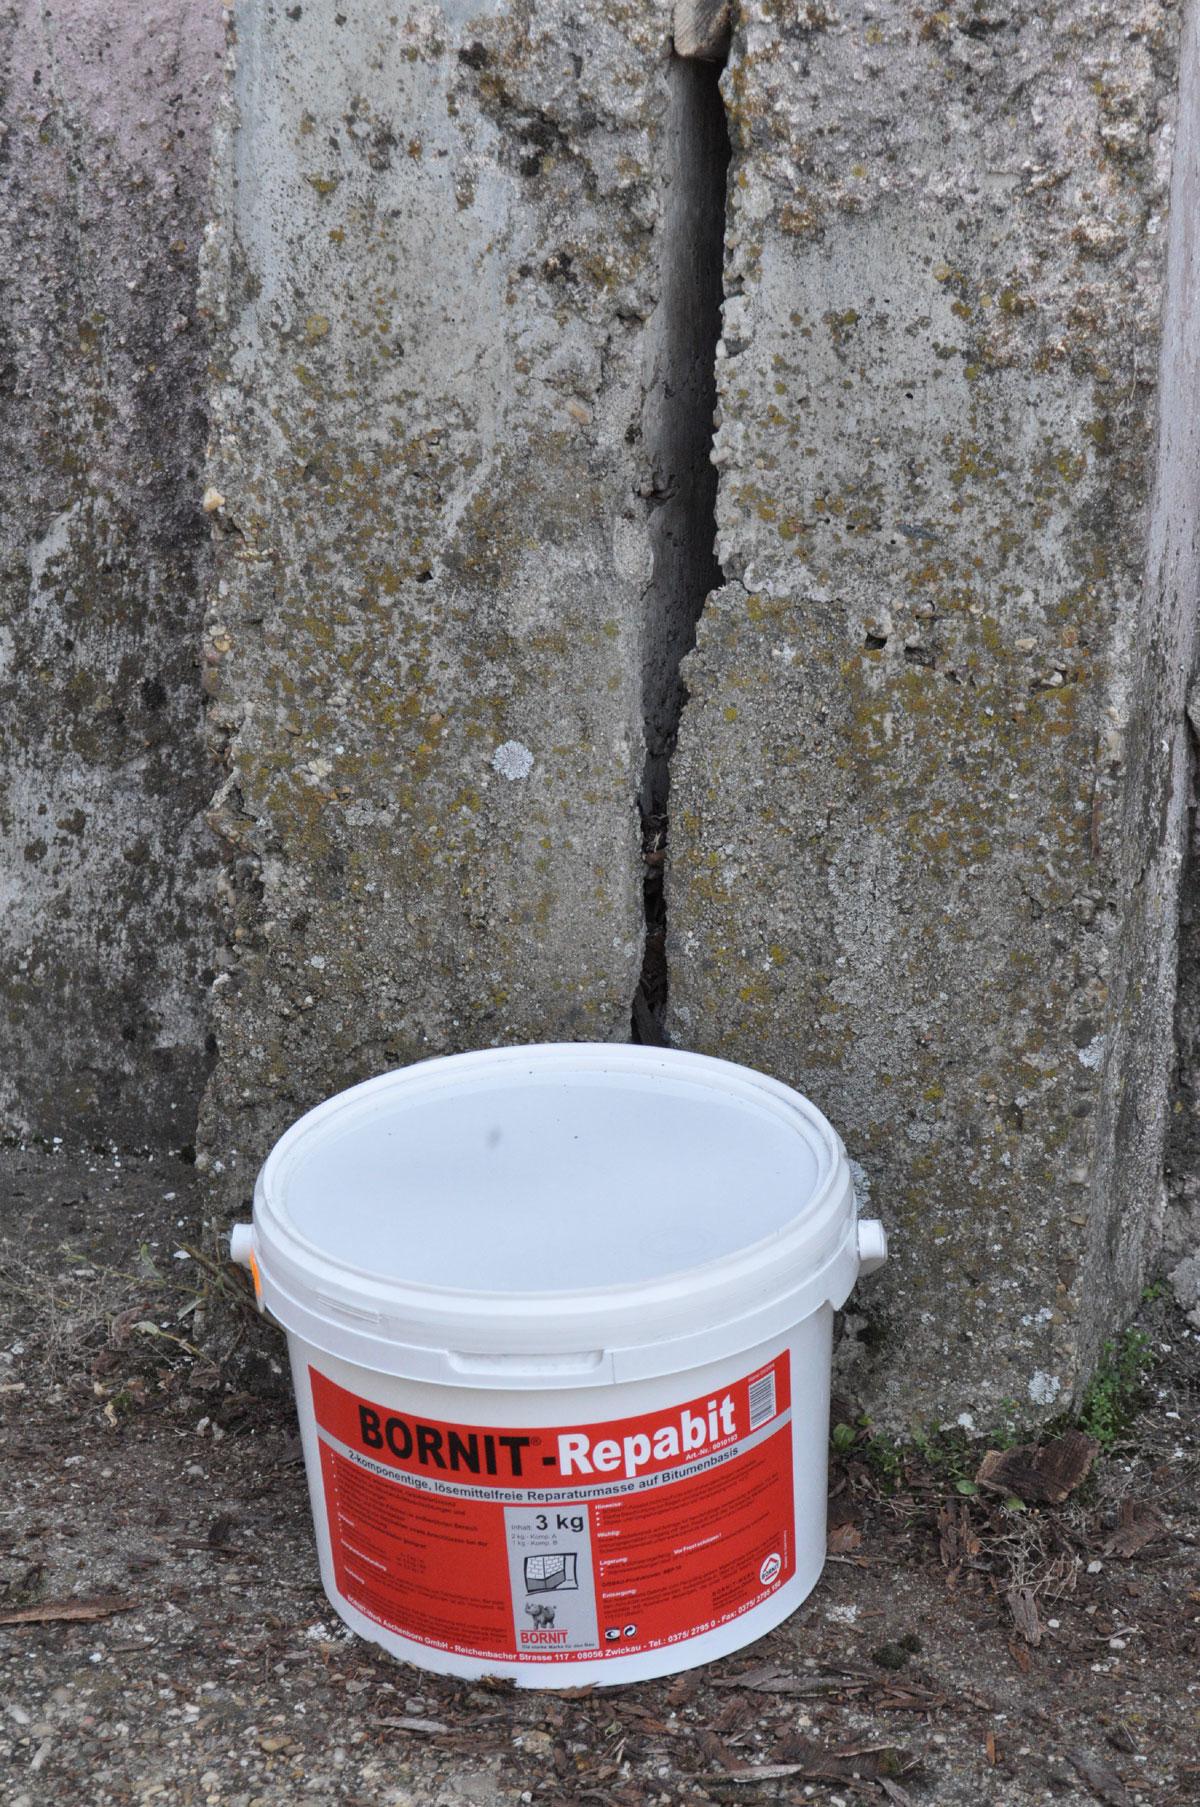 BORNIT-Repabit